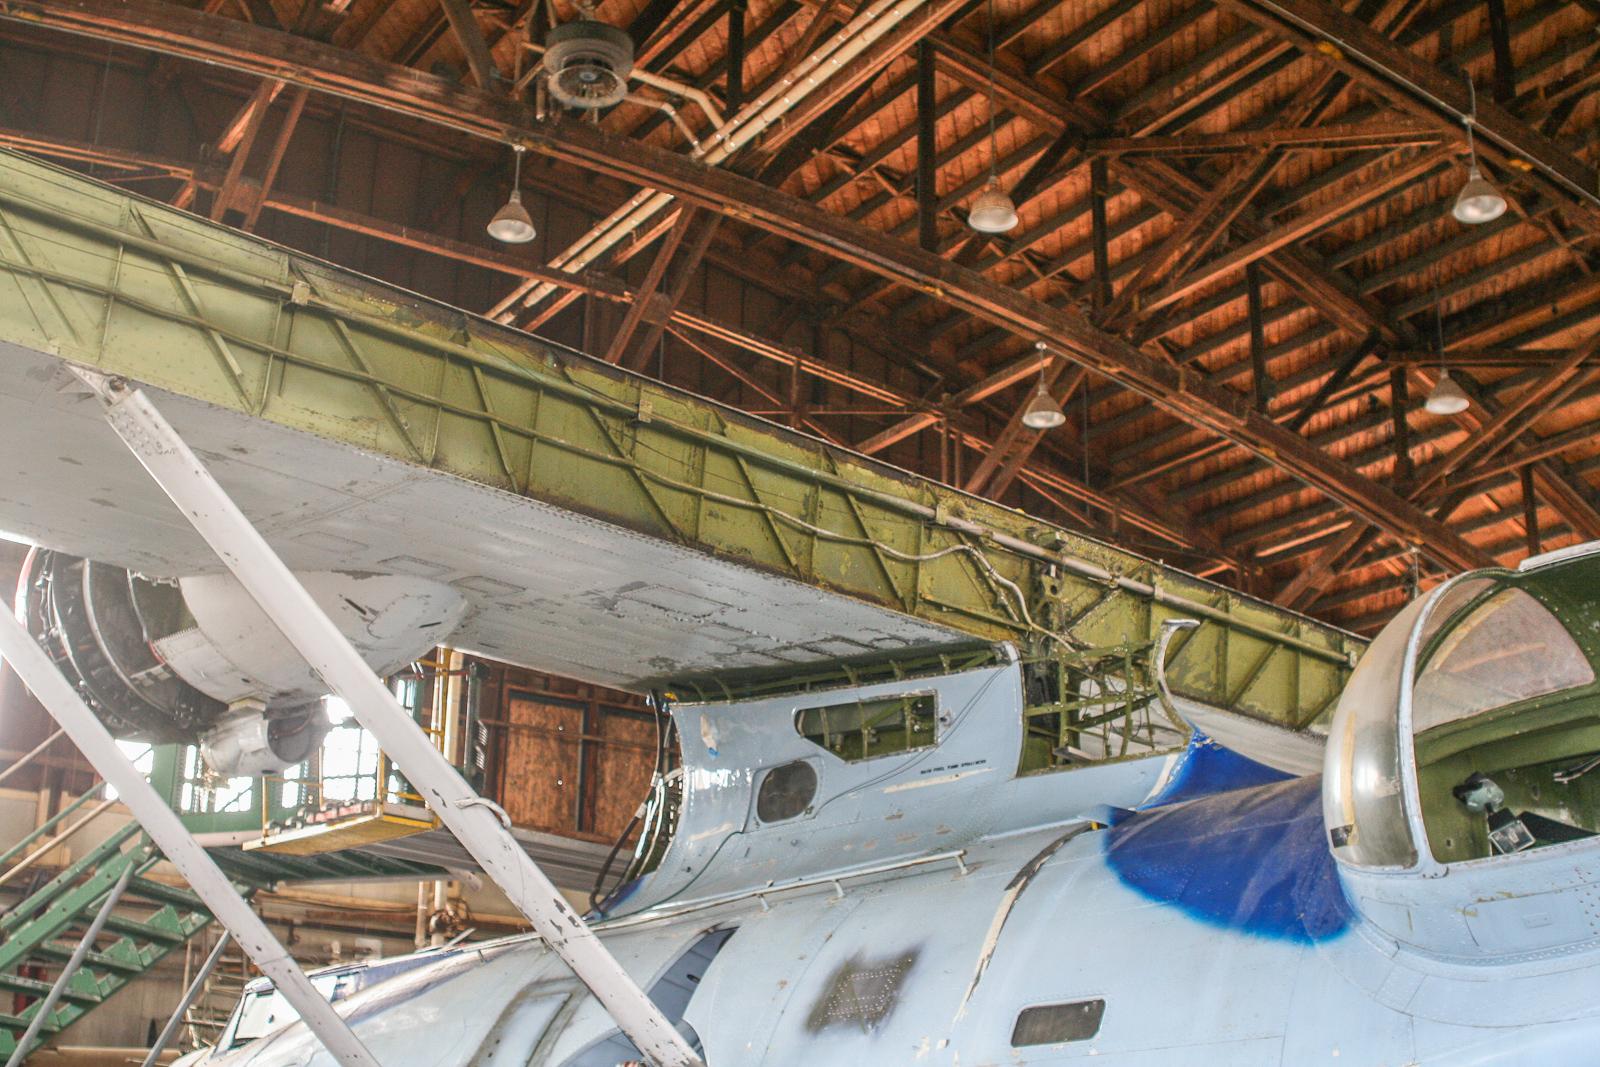 CAF PBY_016